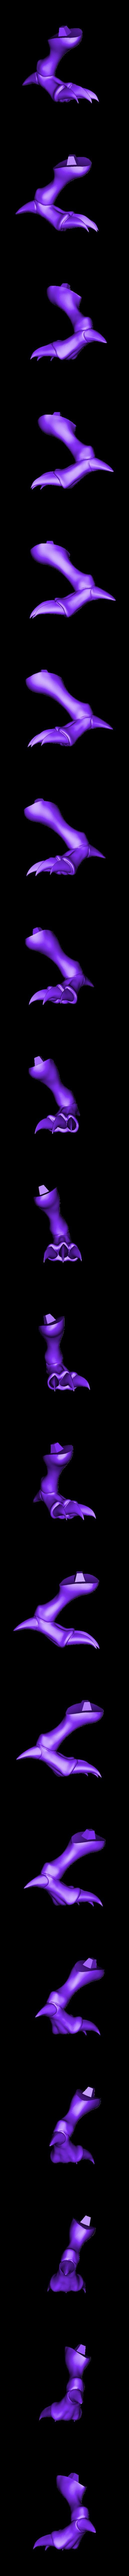 LegL.stl Télécharger fichier STL yeux bleus dragon blanc - Yu Gi Oh • Modèle à imprimer en 3D, Bstar3Dart